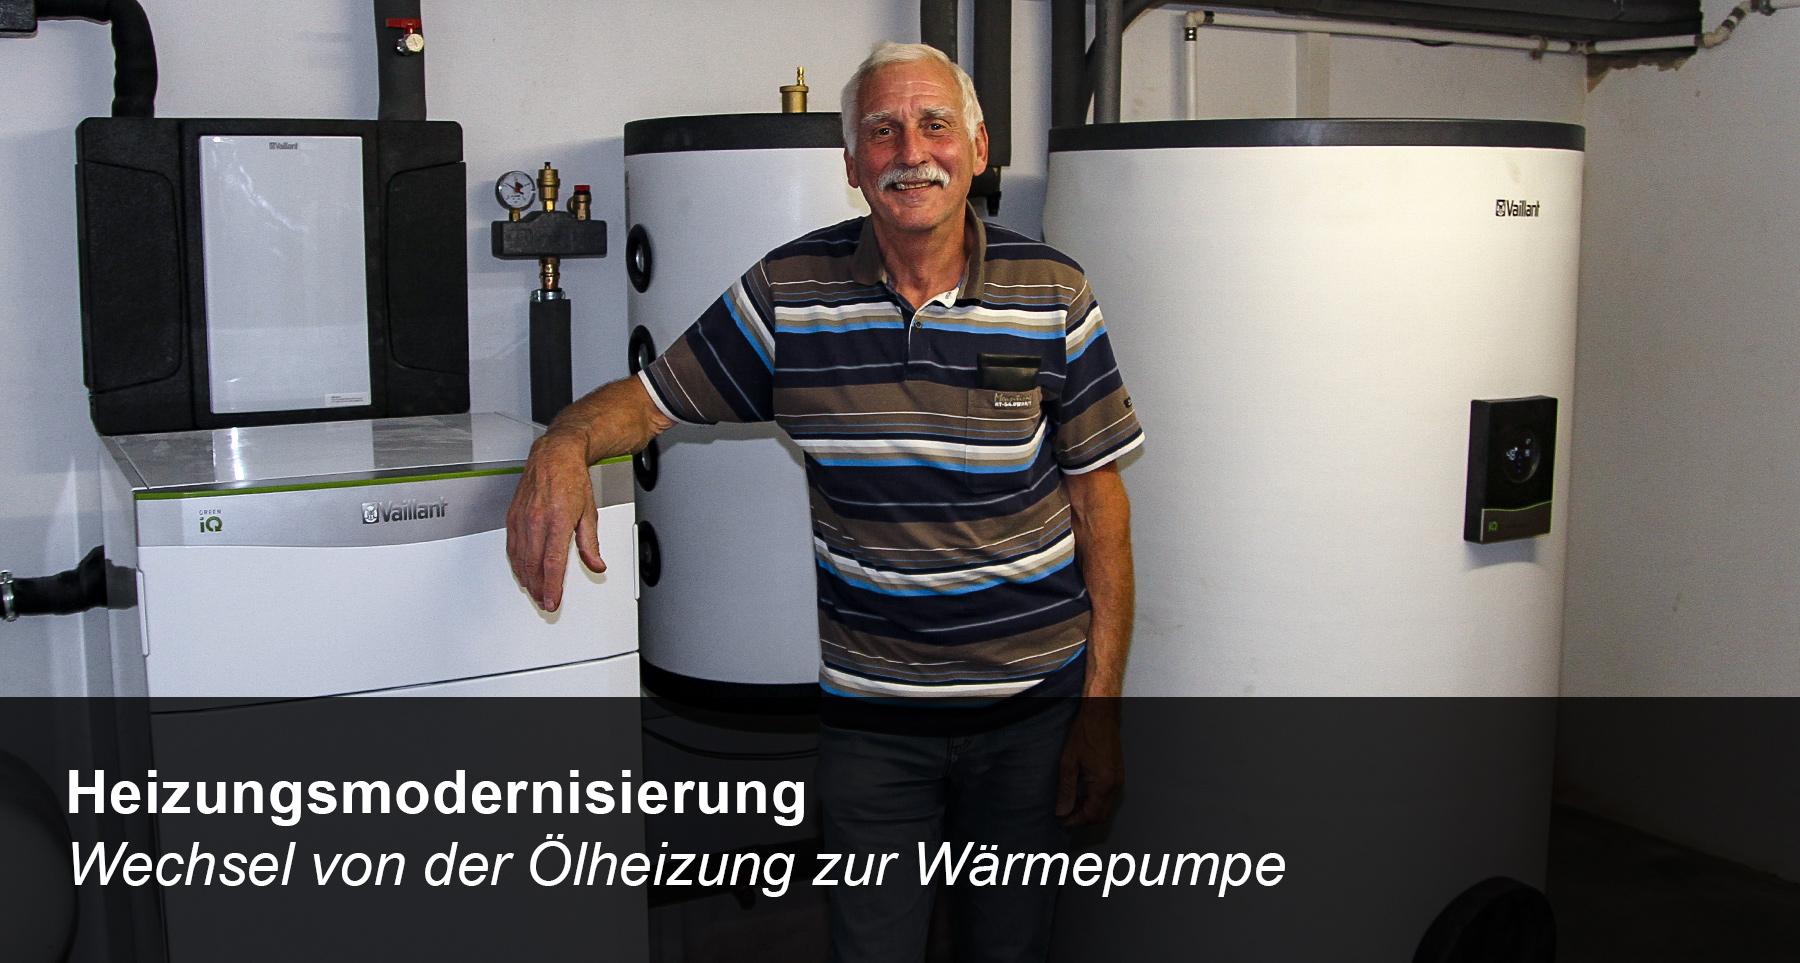 Modernisierung der Heizung - Wechsel von einer Ölheizung auf eine Sole-Wasser-Wärmepumpe